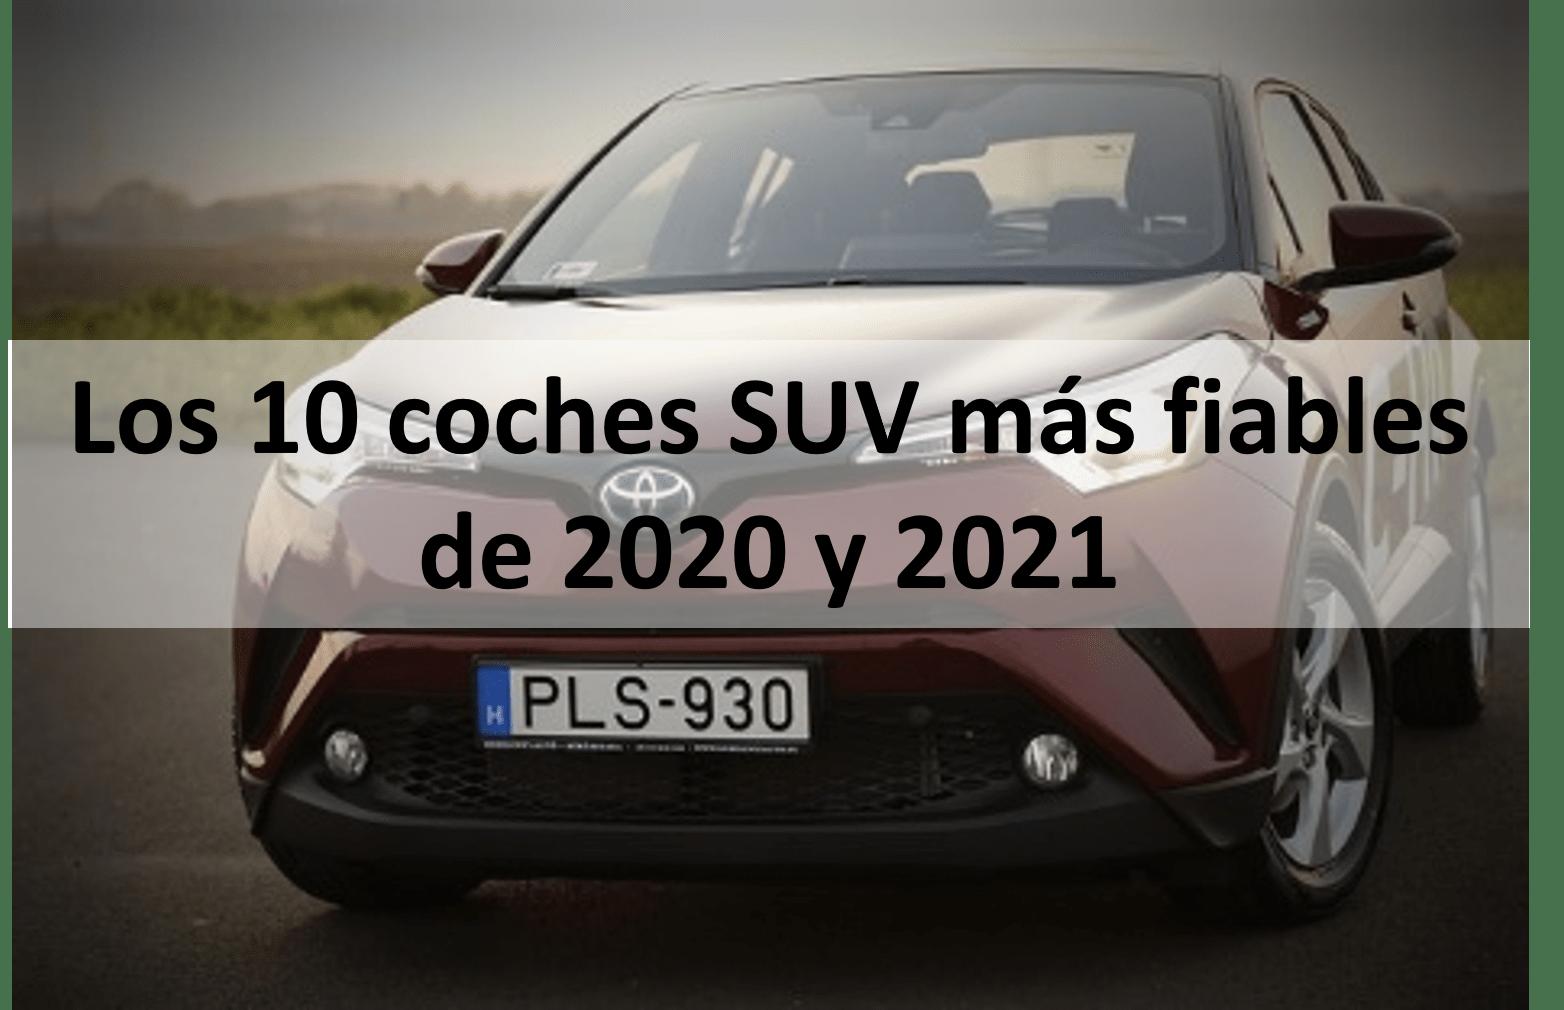 Los 10 coches SUV más fiables de 2020 y 2021